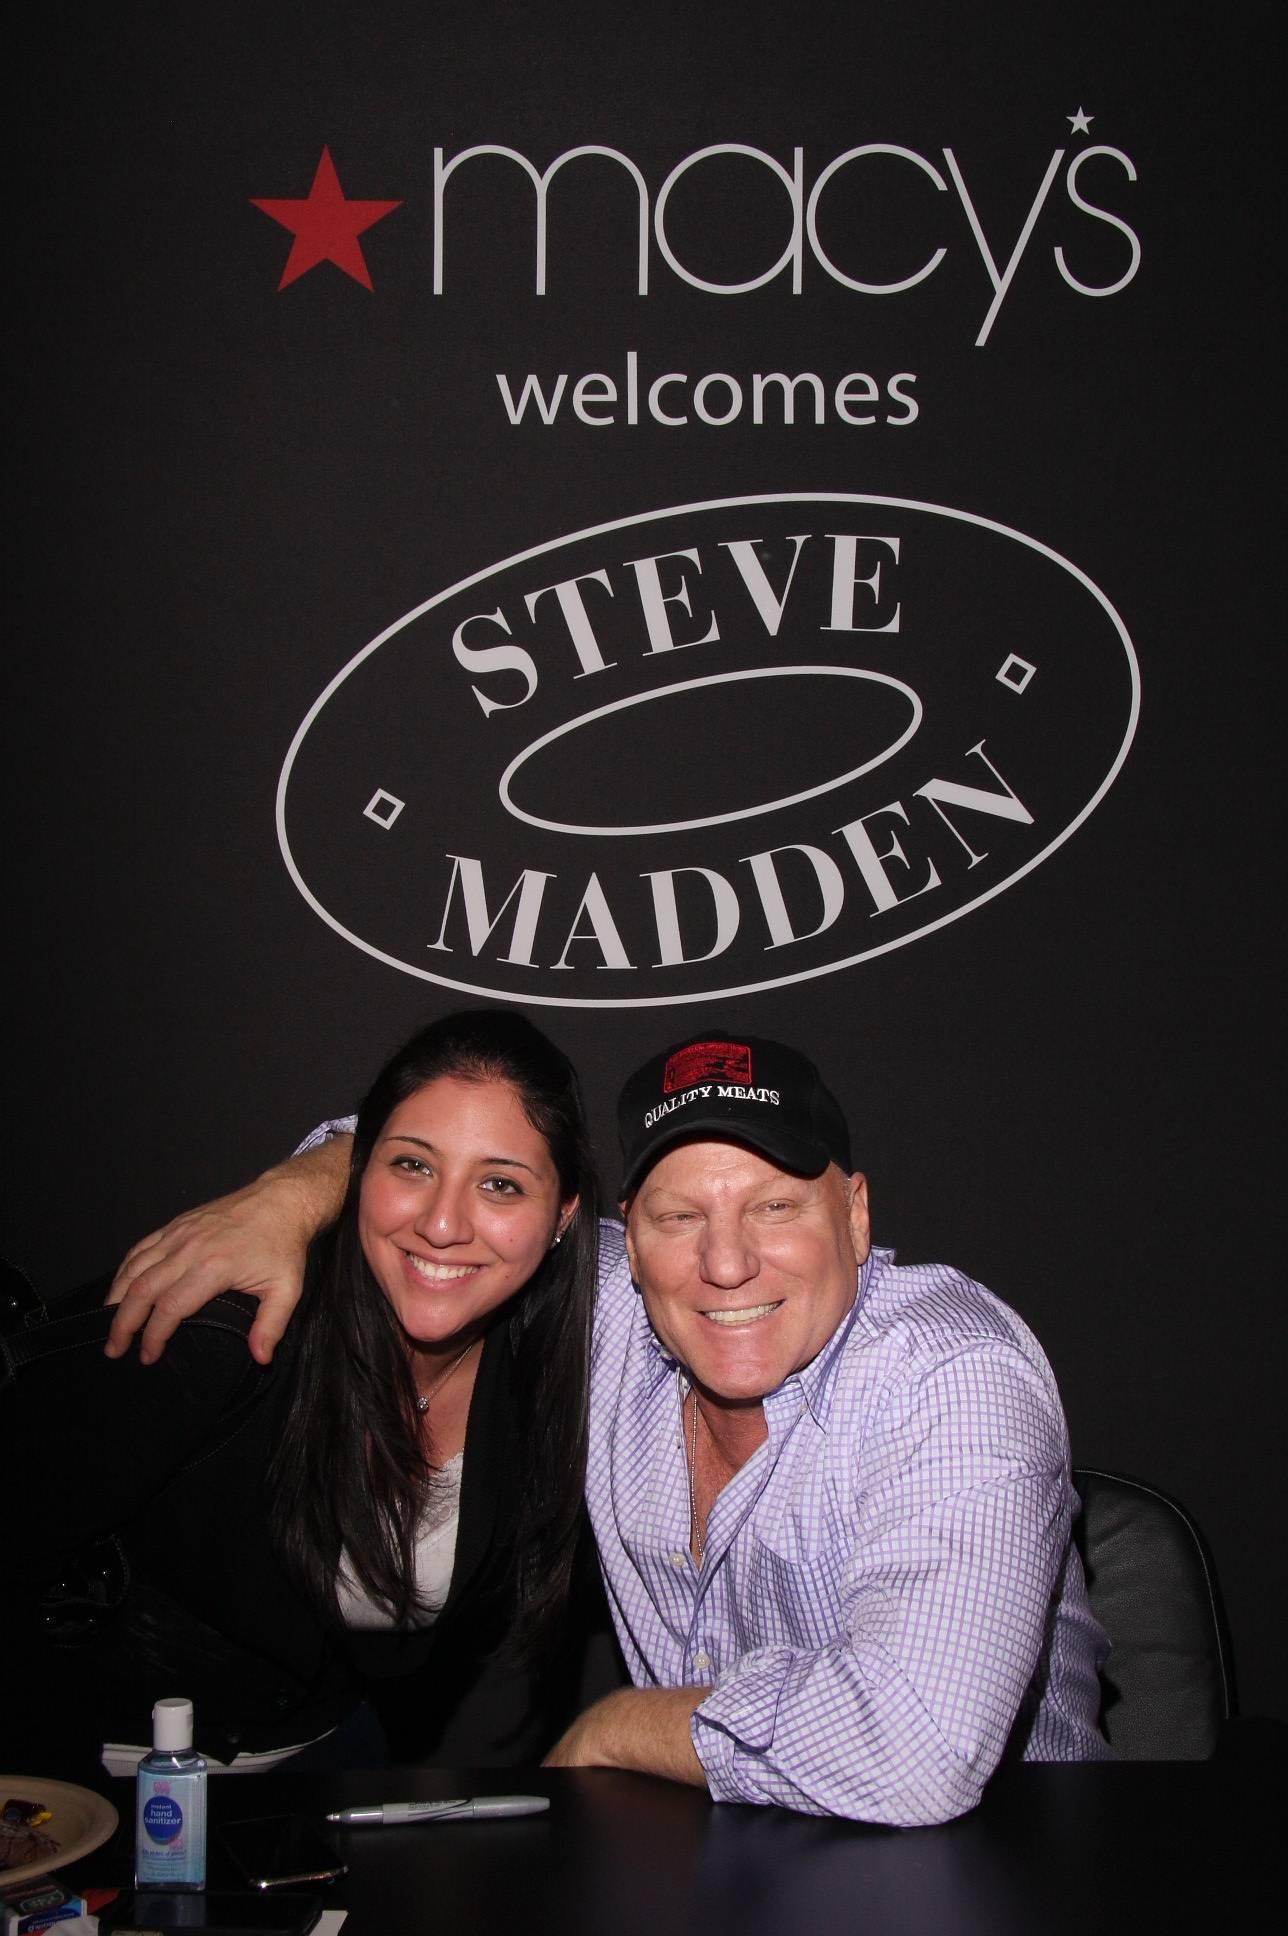 Steve Madden with Fan